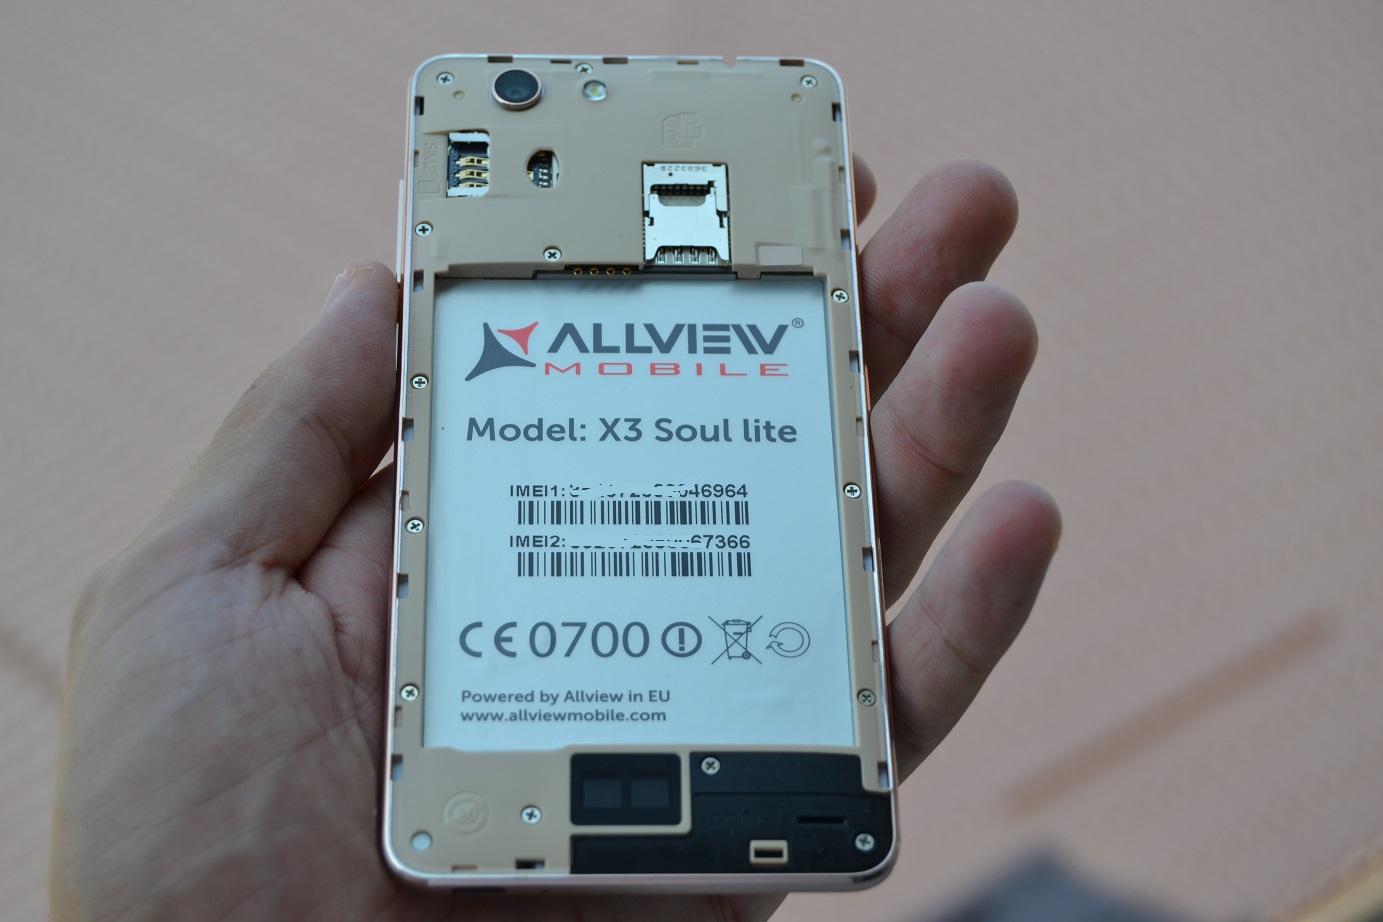 DSC_0781 Allview X3 Soul Lite - REVIEW